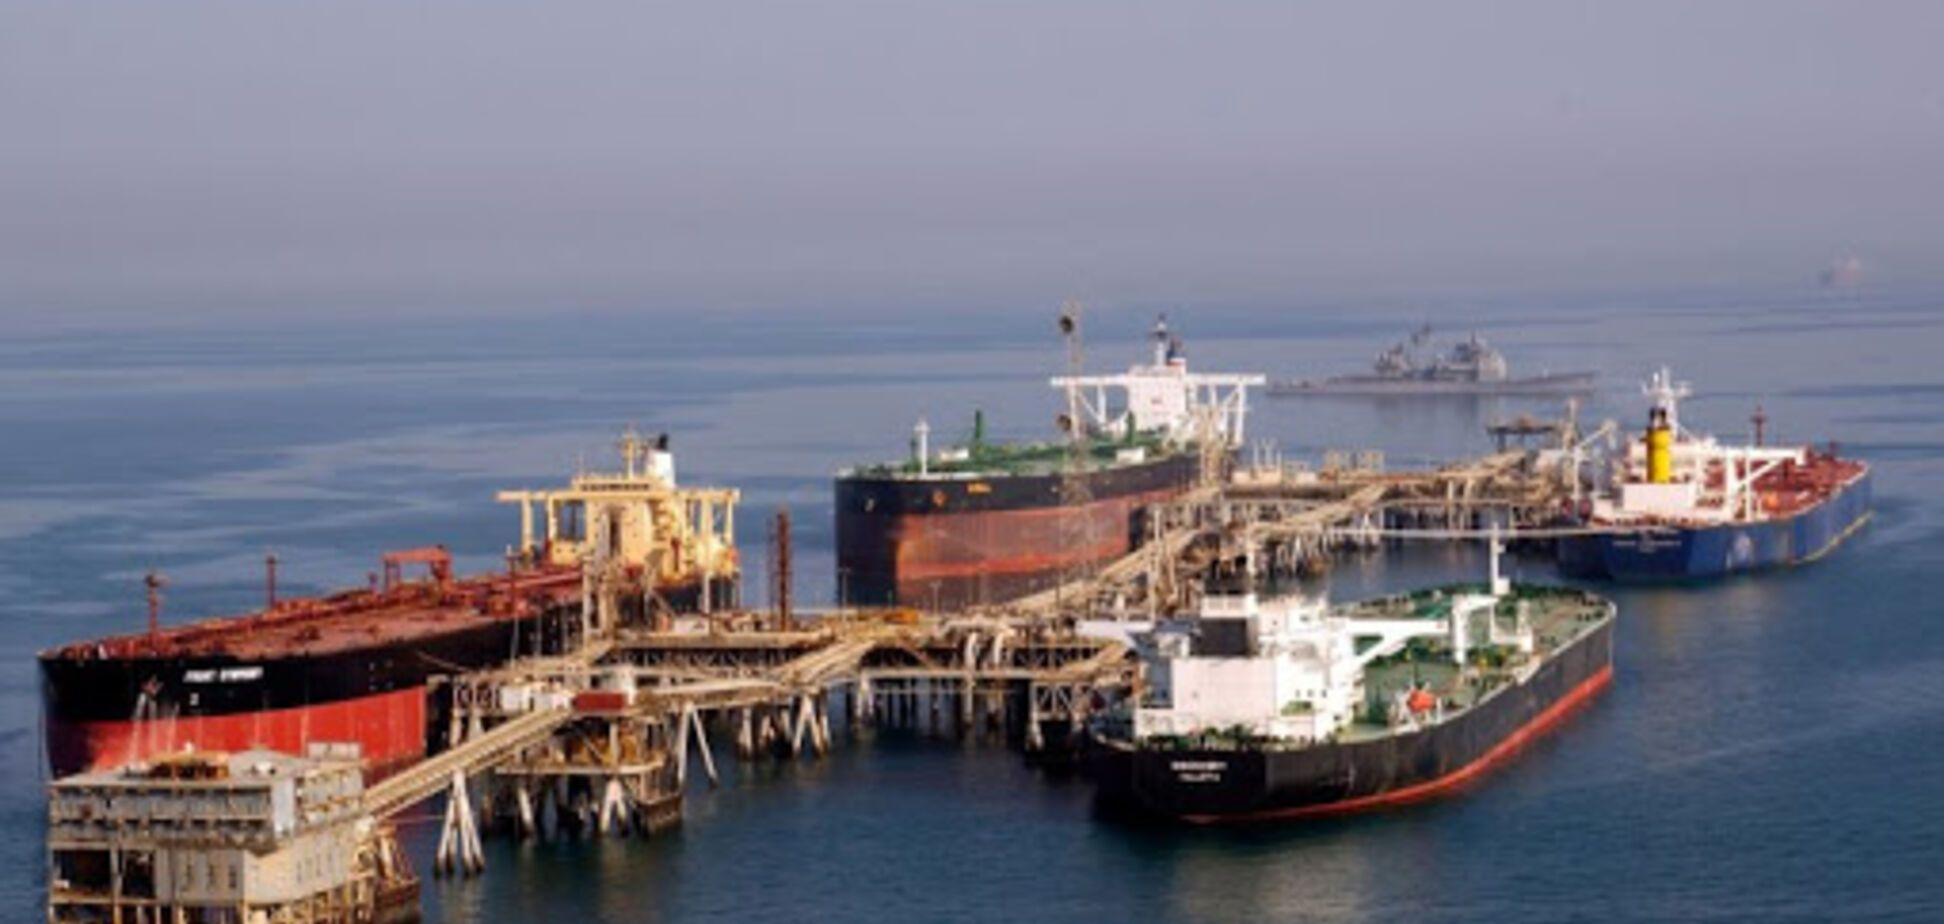 Каліфорнію оточили танкери з нафтою: ситуація на ринку наблизилася до критичної